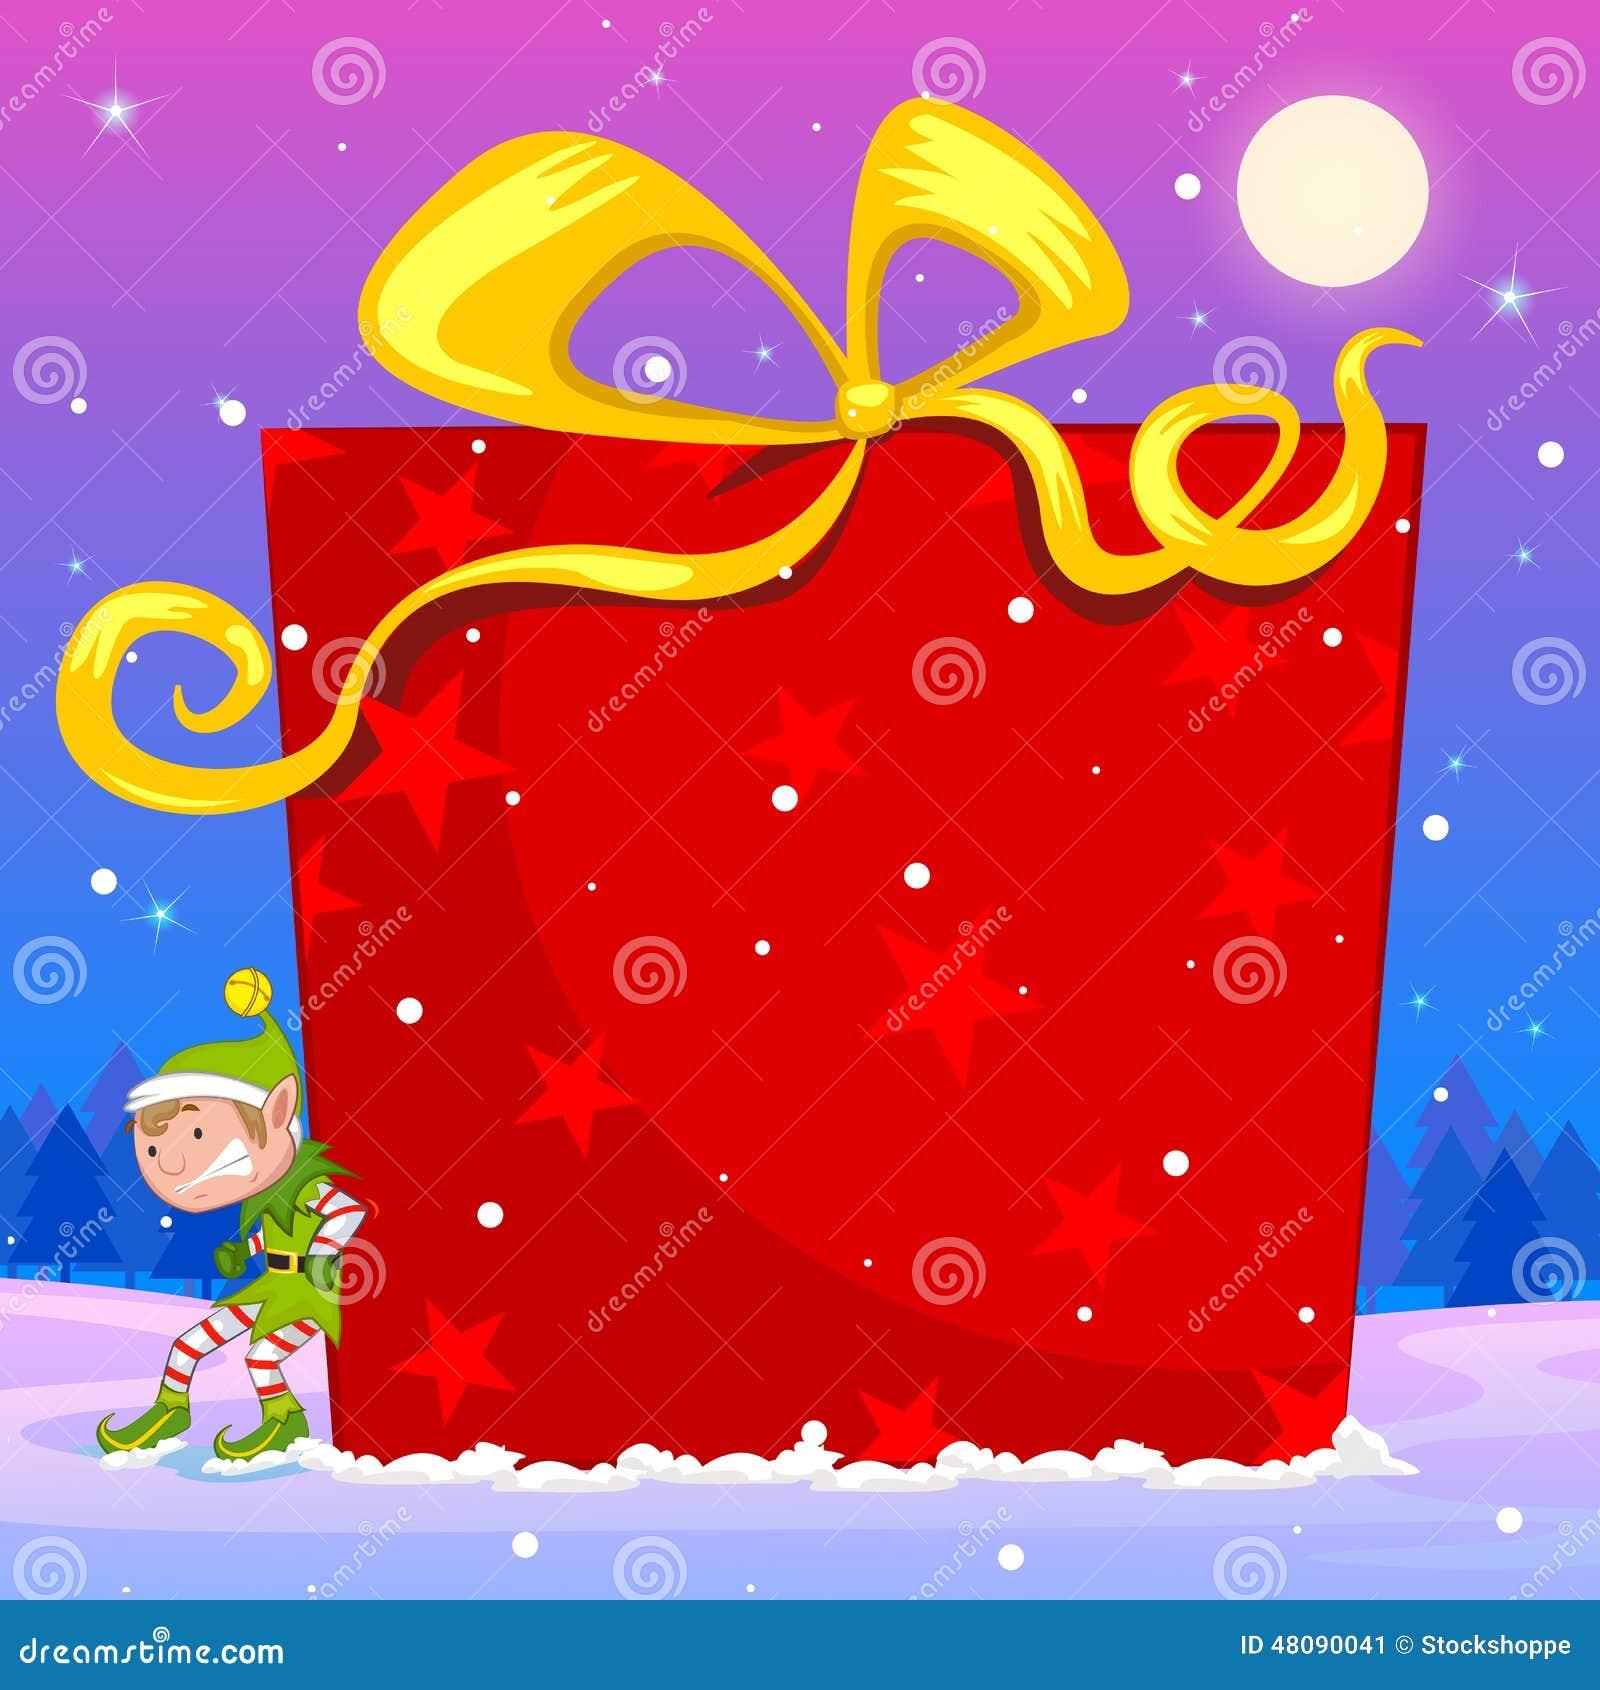 Elfe, Die Großes Weihnachtsgeschenk Drückt Vektor Abbildung ...